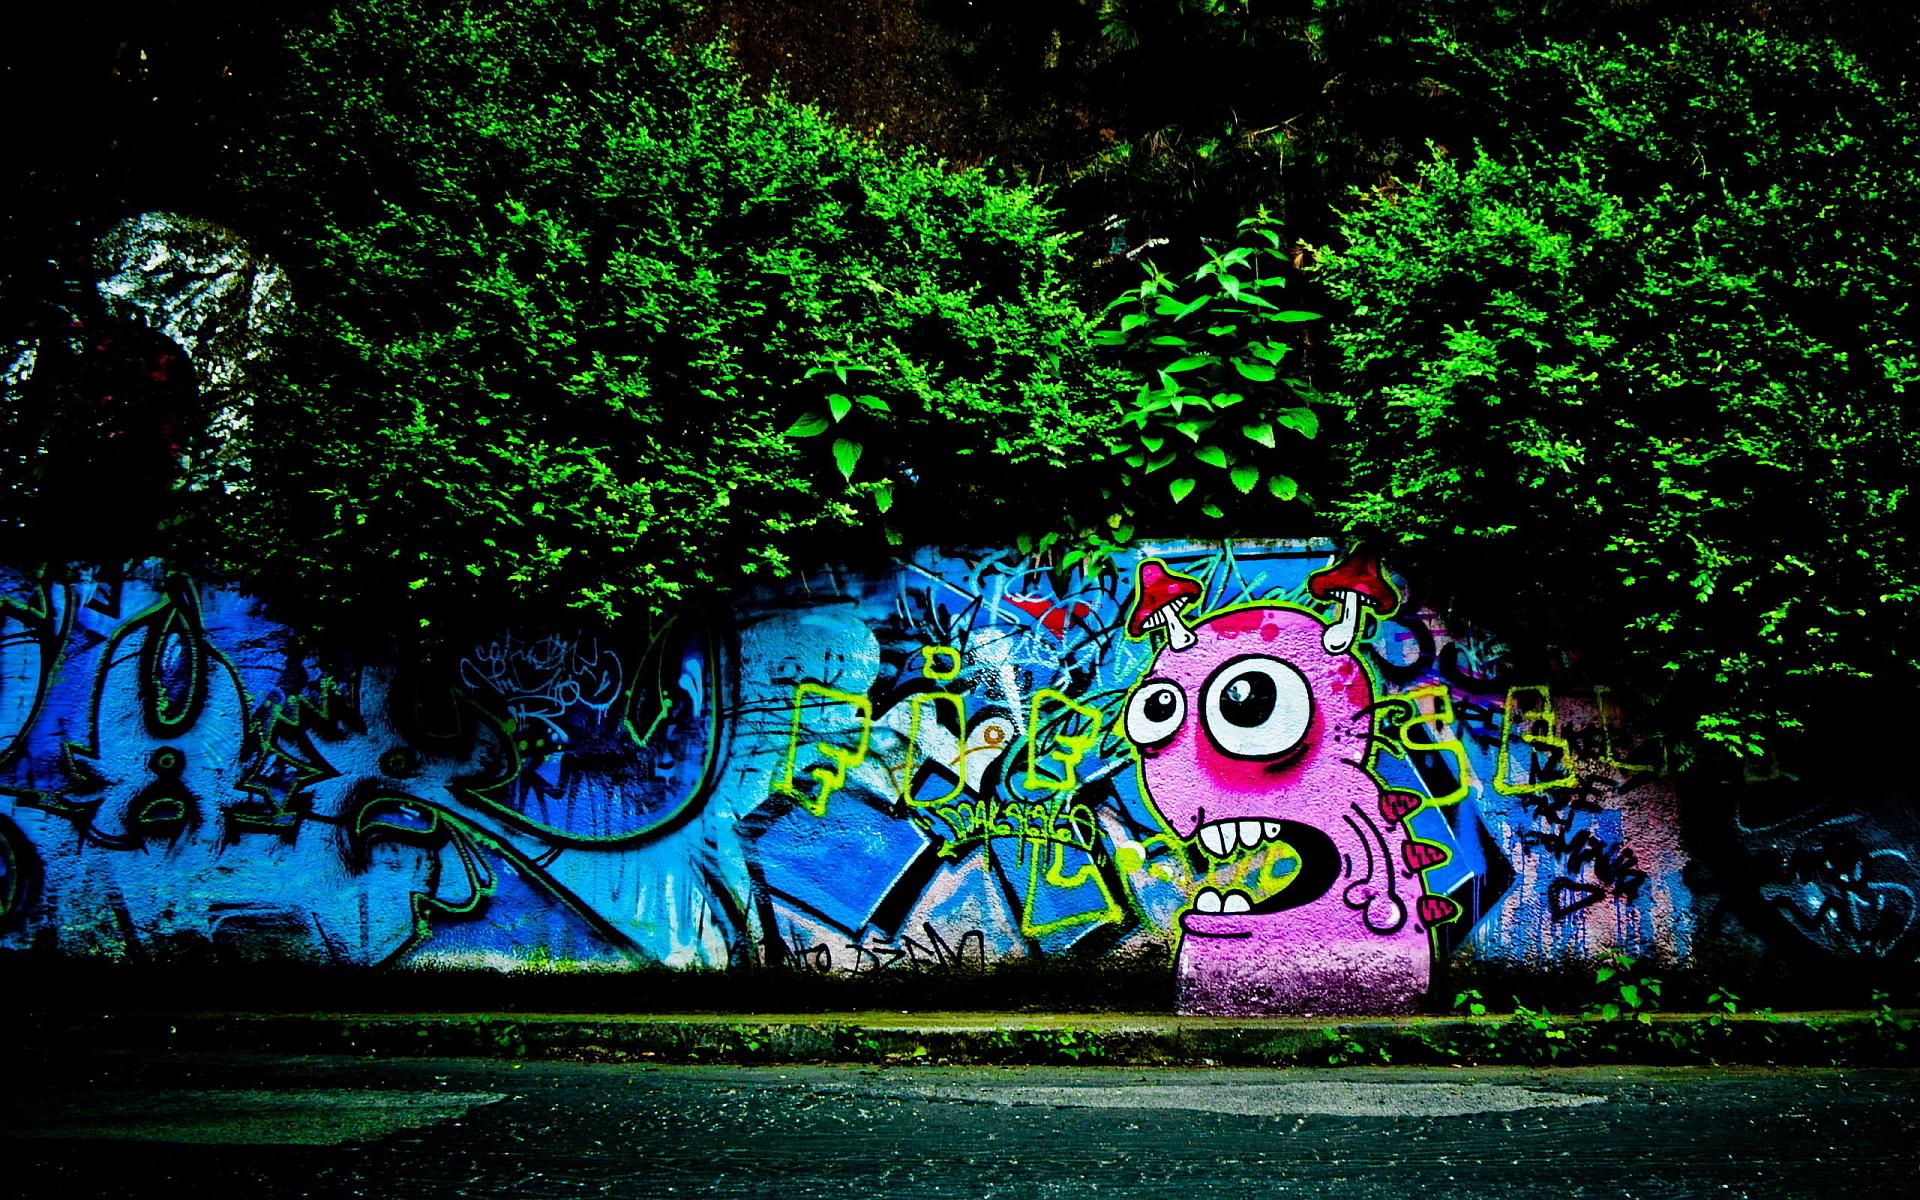 Pink graffiti monster on wall